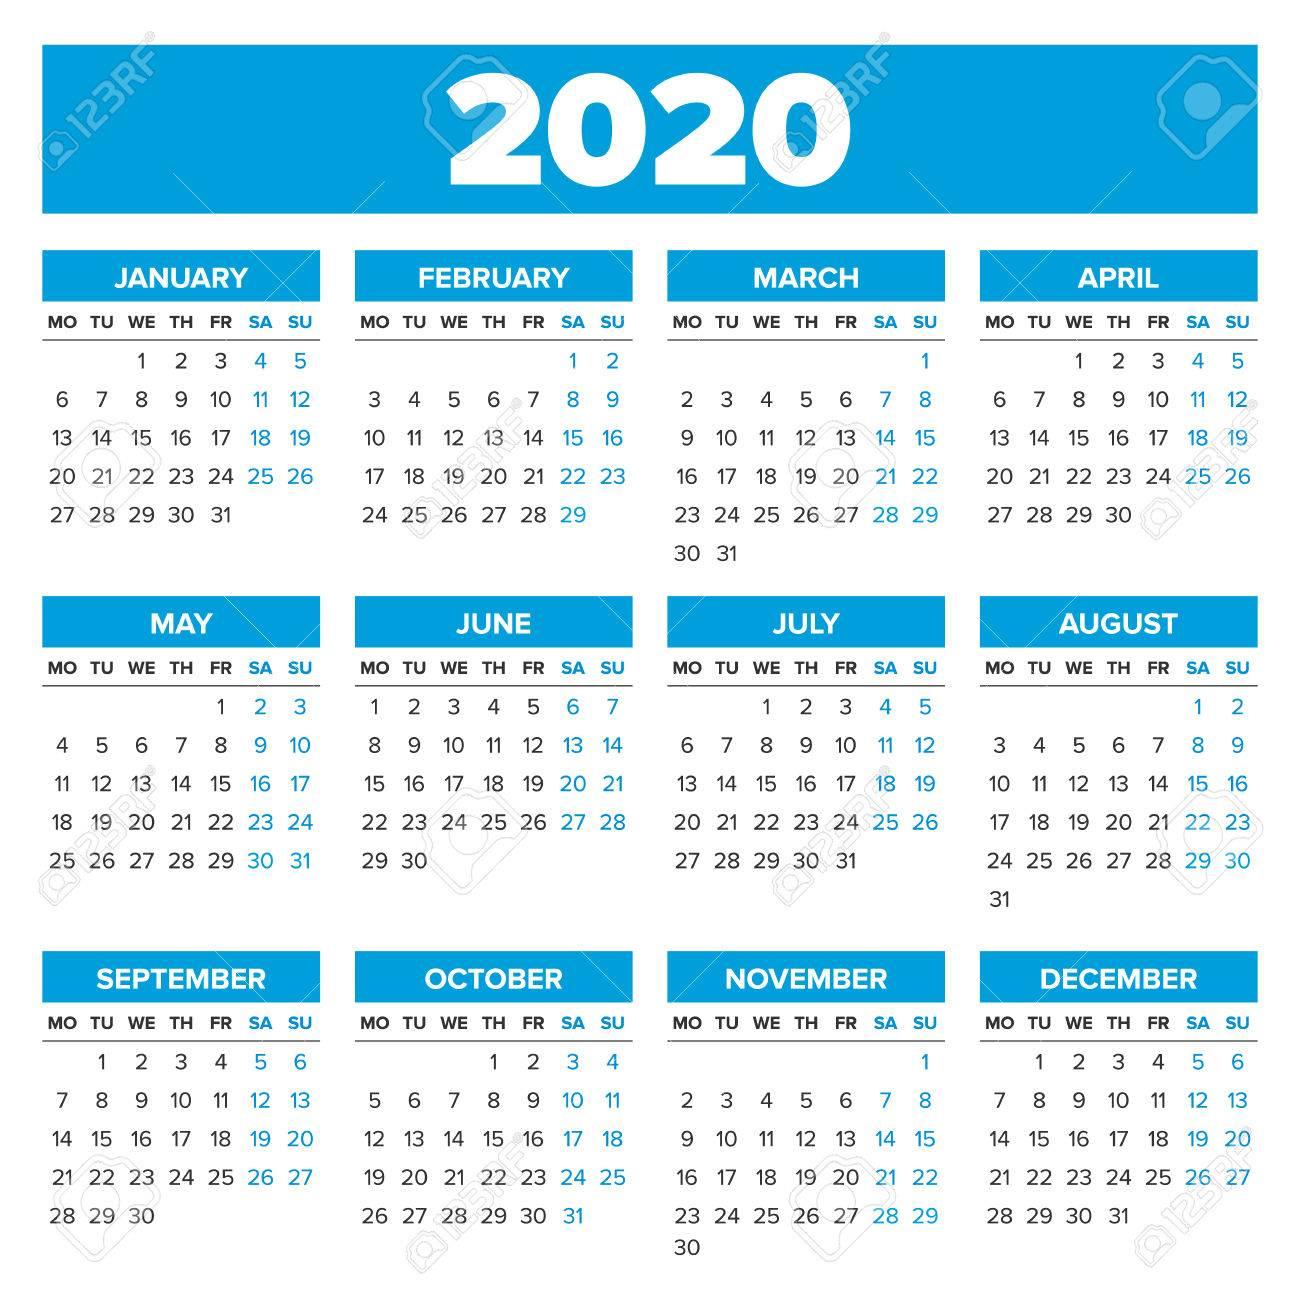 Sencillo 2020 Año Calendario, La Semana Comienza El Lunes regarding Calendario 2020 Con Semanas